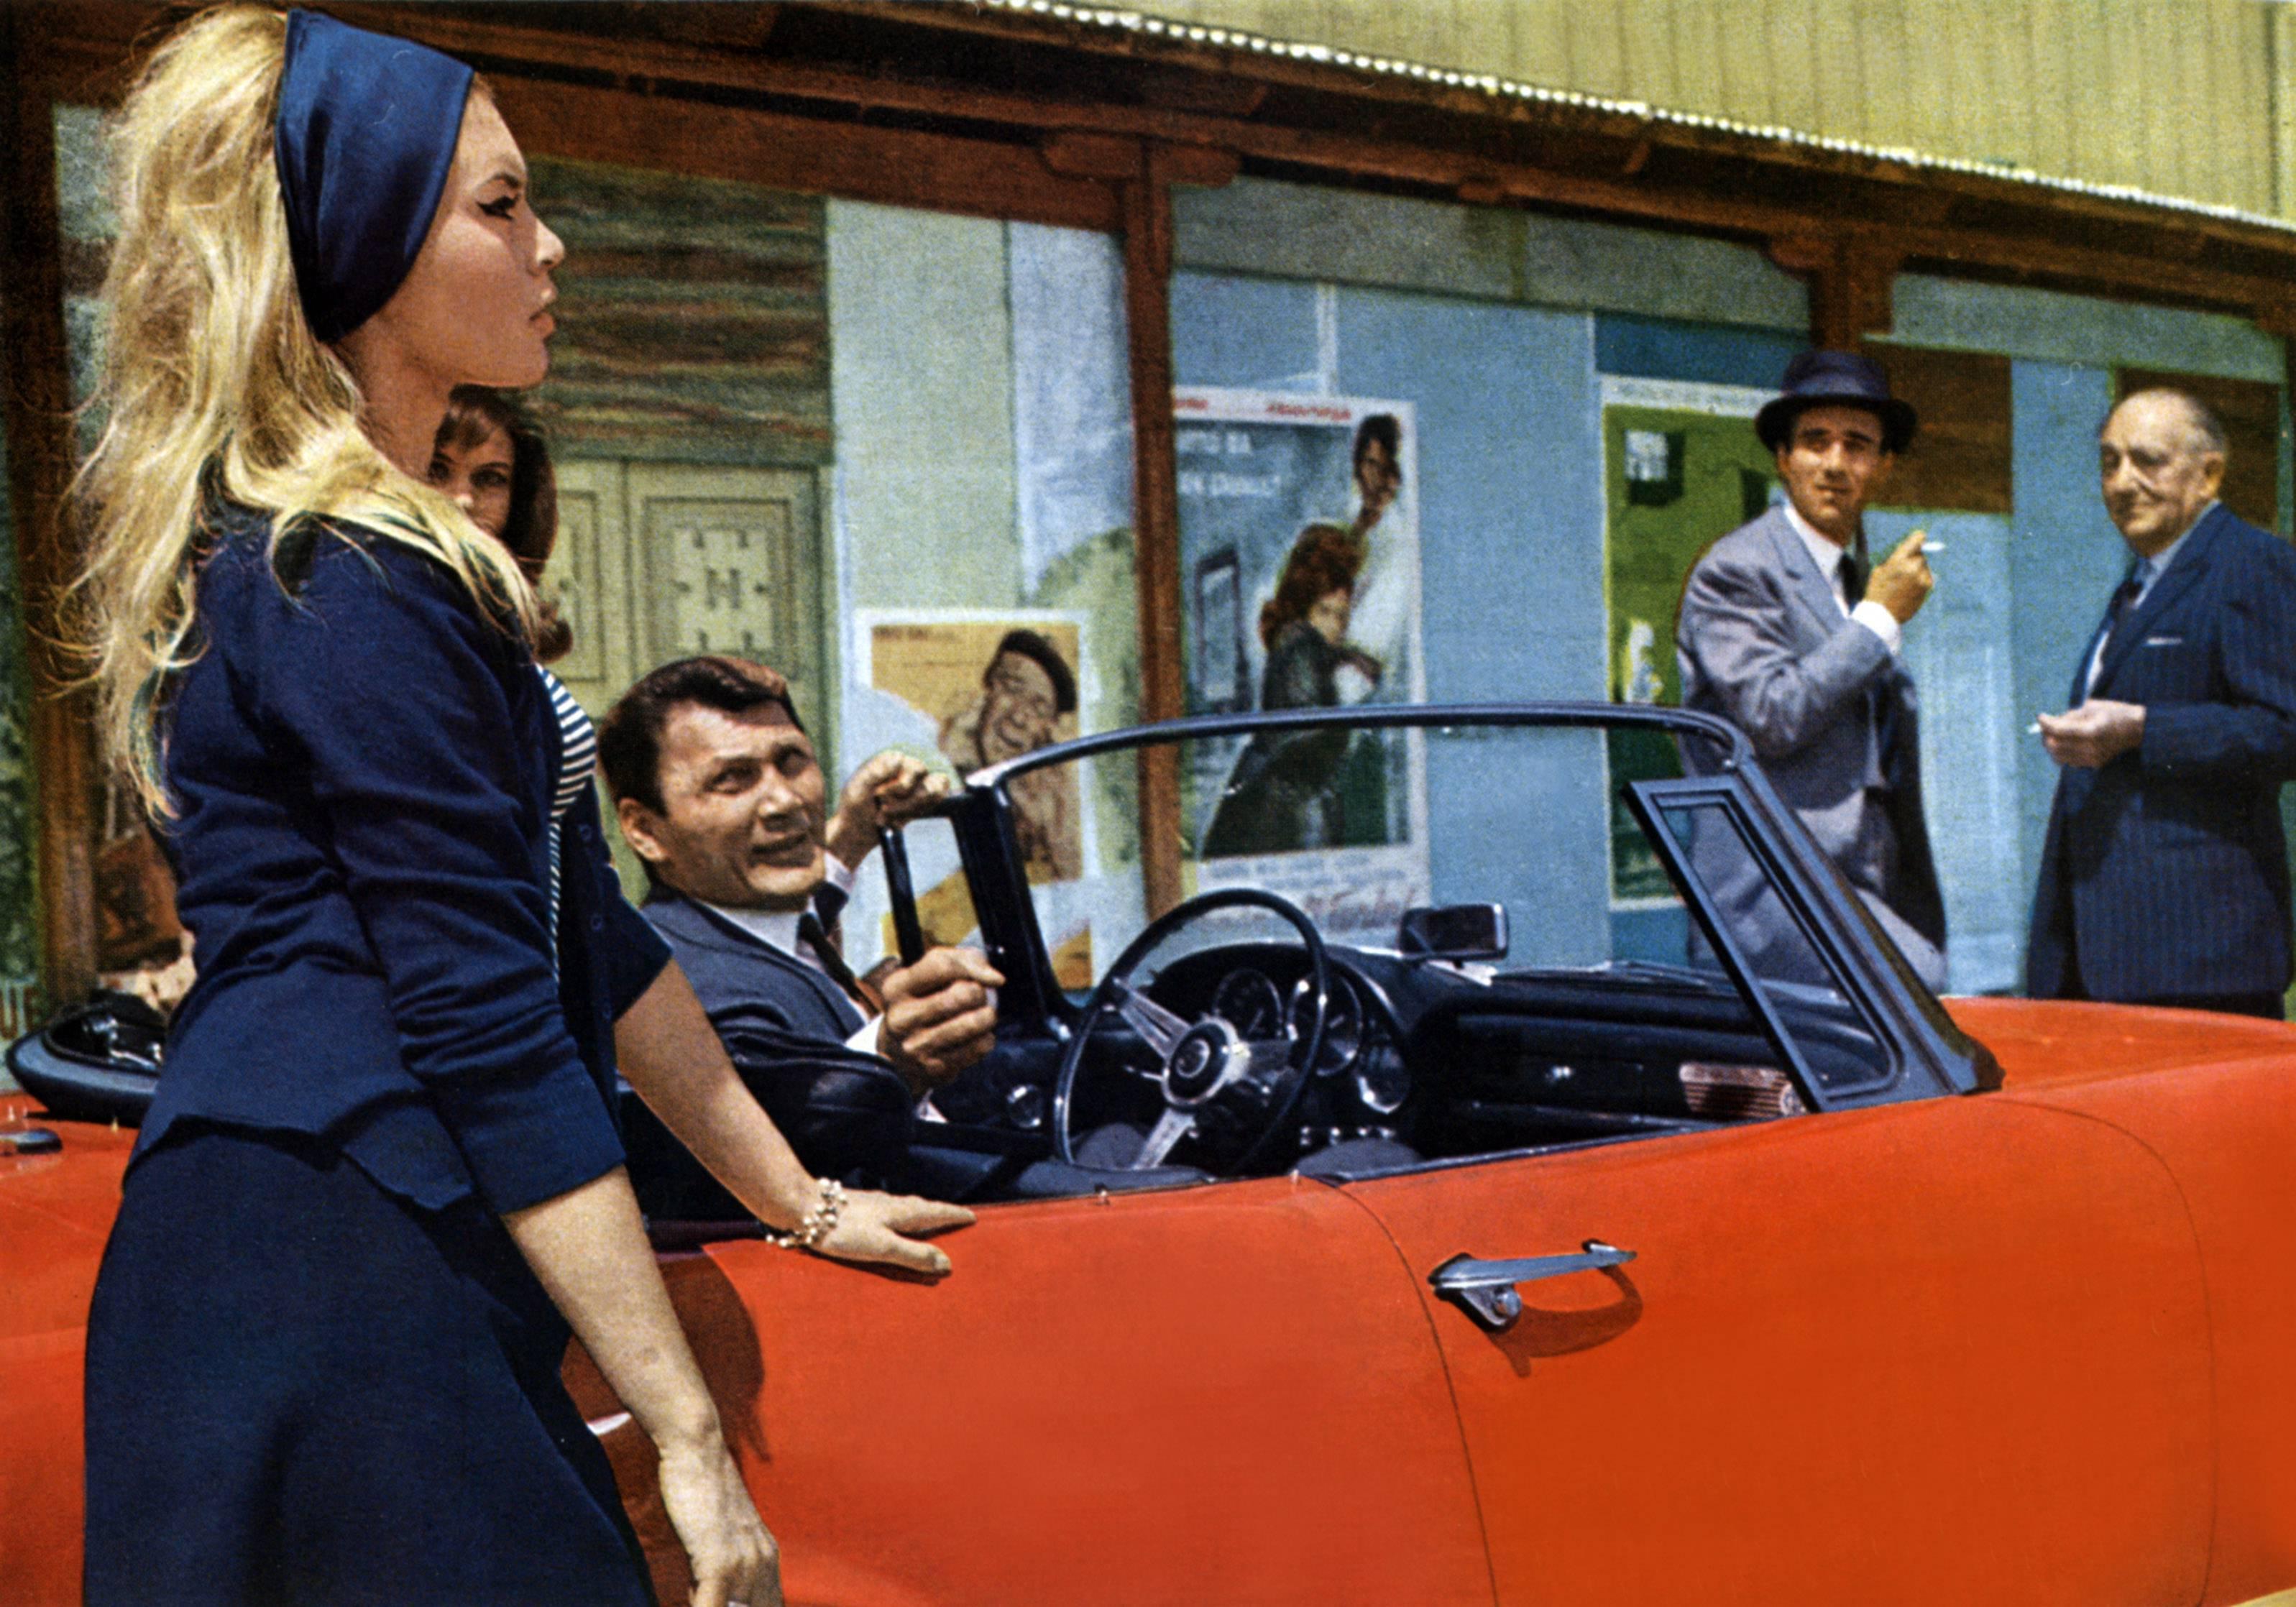 Le mépris, 1963. Imagen: Les Films Concordia / Rome Paris Films / Compagnia Cinematografica Champion